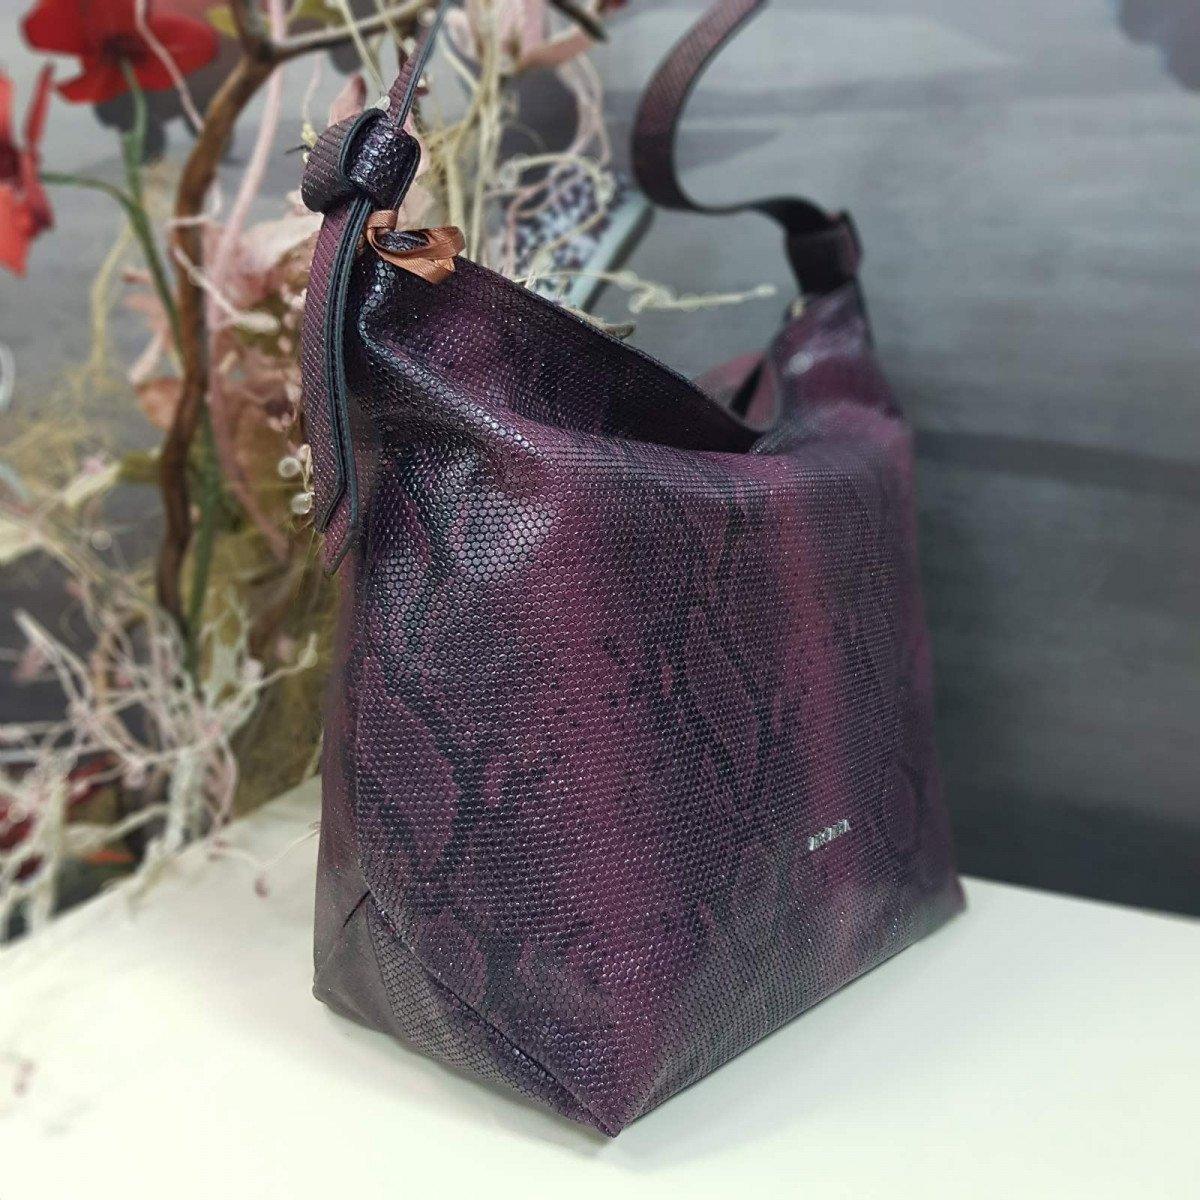 Женская кожаная сумка Arcadia 9567 matis rubino из натуральной кожи